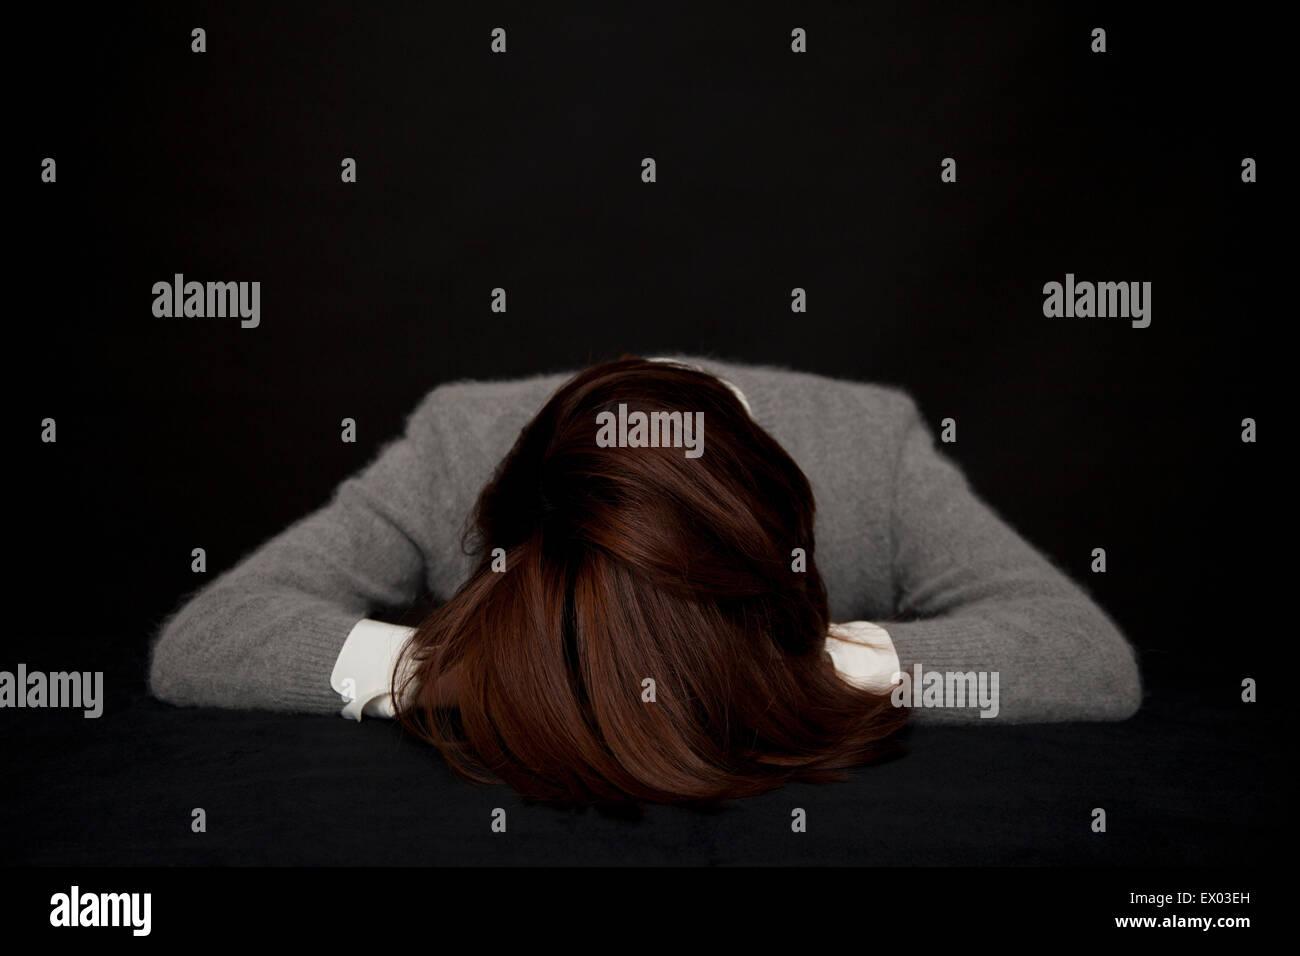 Retrato de mujer cabeza descansando sobre la mesa Foto de stock